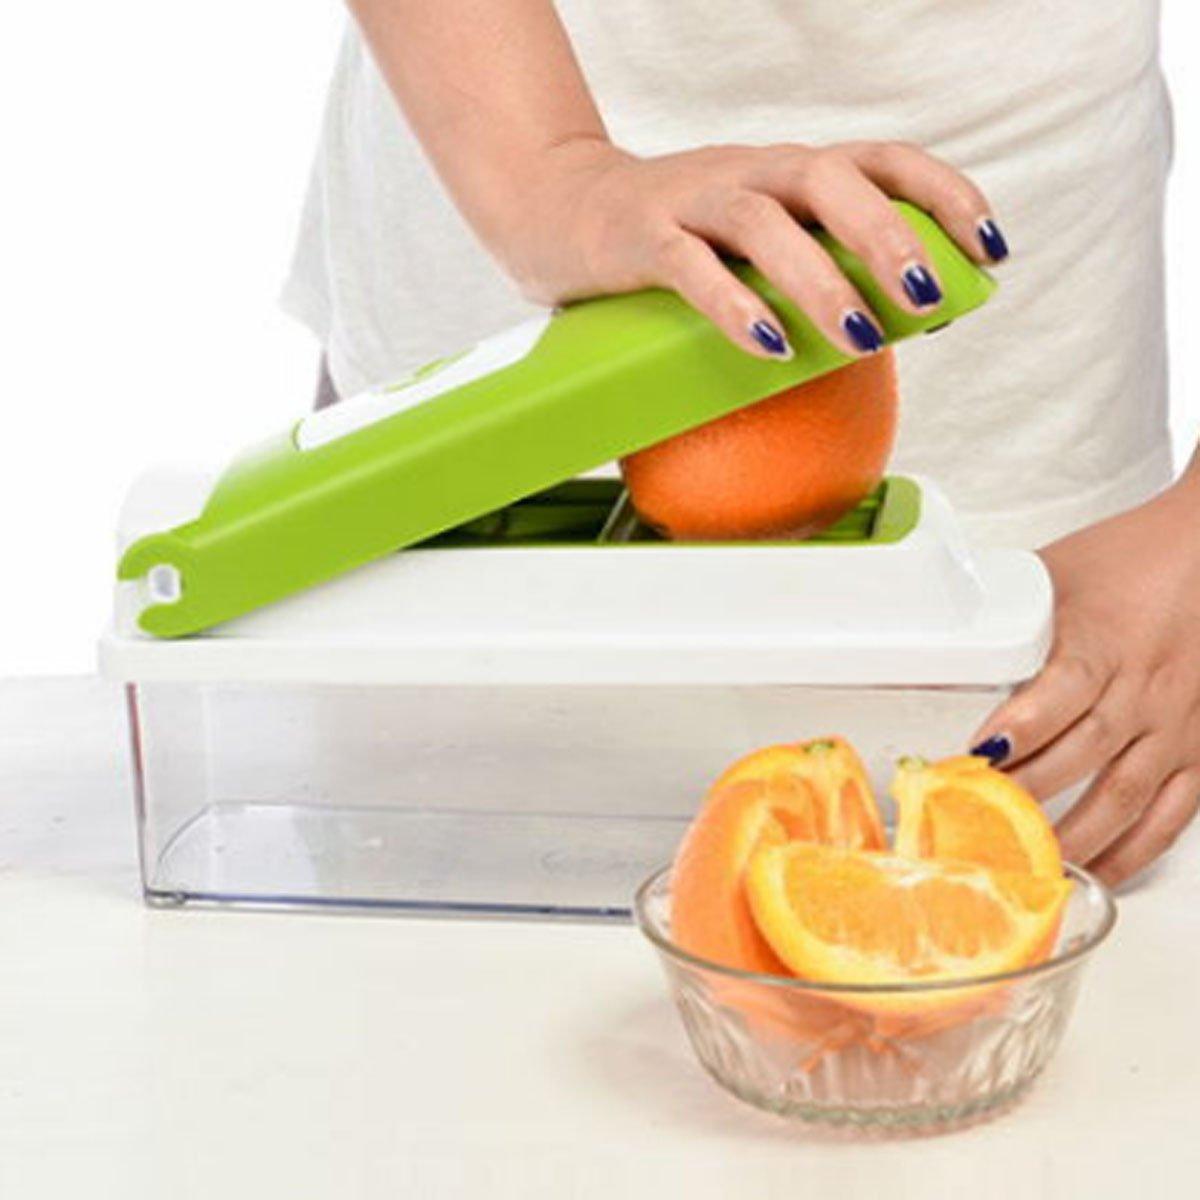 nicer dicer multi chopper vegetable cutting dicing slicing kitchen gadget peeler ebay. Black Bedroom Furniture Sets. Home Design Ideas